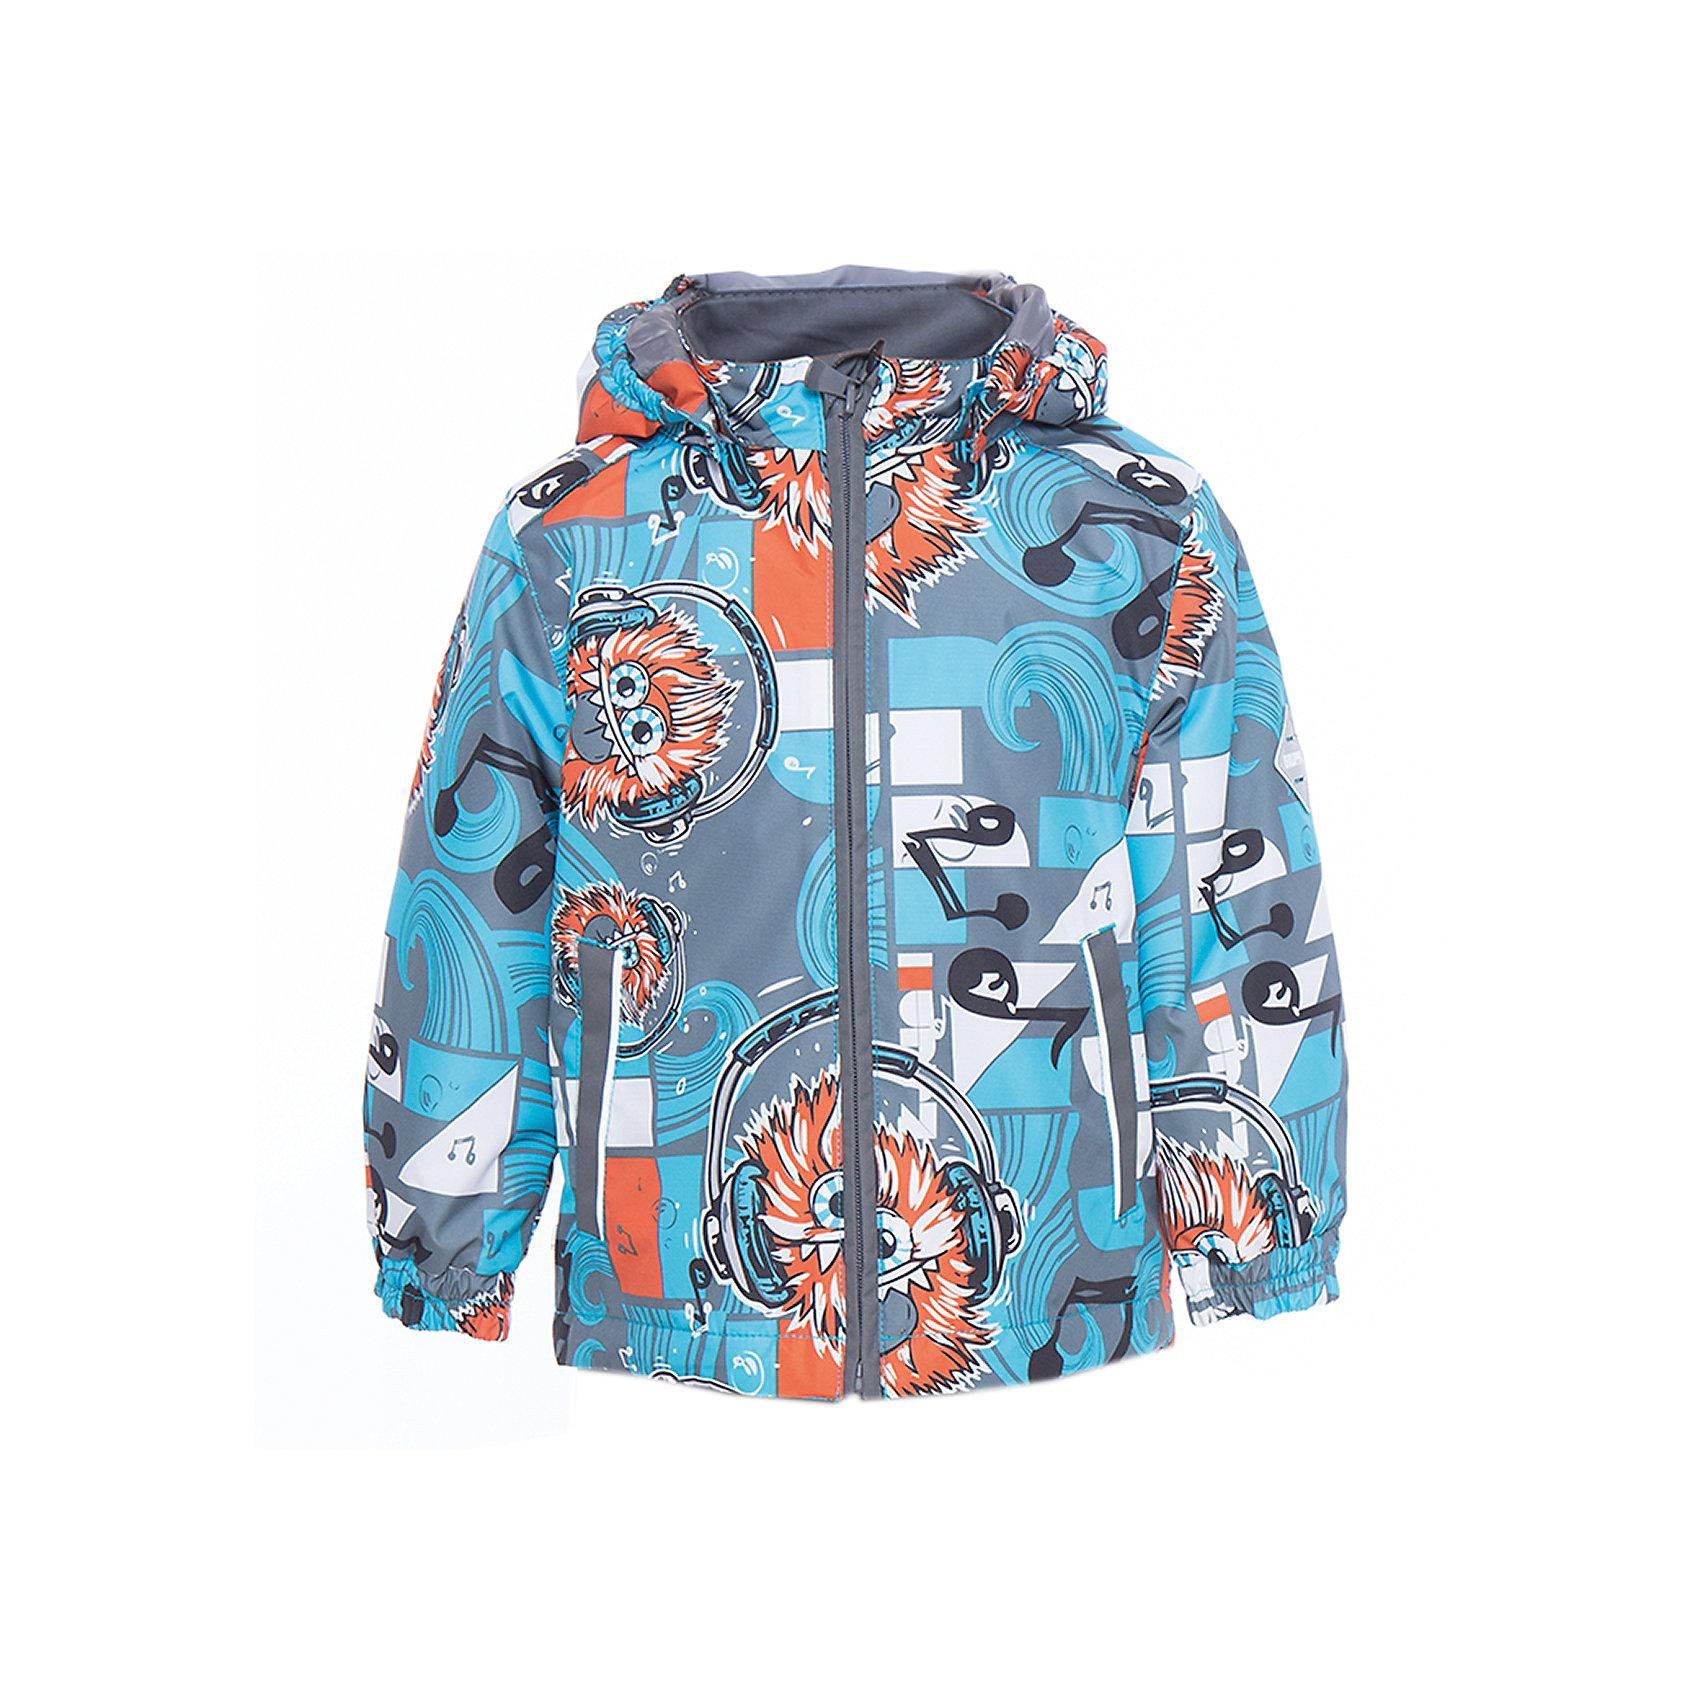 Куртка для мальчика BERTY HuppaДемисезонные куртки<br>Характеристики товара:<br><br>• цвет: голубой принт<br>• ткань: 100% полиэстер<br>• подкладка: Coral-fleece, смесь хлопка и полиэстера, в рукавах тафат - 100% полиэстер<br>• утеплитель: 100% полиэстер 100 г<br>• температурный режим: от -5°С до +10°С<br>• водонепроницаемость: 10000 мм<br>• воздухопроницаемость: 10000 мм<br>• светоотражающие детали<br>• эластичные манжеты<br>• эластичный шнурок + фиксатор<br>• защита подбородка<br>• съёмный капюшон с резинкой<br>• комфортная посадка<br>• коллекция: весна-лето 2017<br>• страна бренда: Эстония<br><br>Такая легкая и стильная куртка обеспечит детям тепло и комфорт. Она сделана из материала, отталкивающего воду, и дополнено подкладкой с утеплителем, поэтому изделие идеально подходит для межсезонья. Материал изделия - с мембранной технологией: защищая от влаги и ветра, он легко выводит лишнюю влагу наружу. Для удобства сделан капюшон. Куртка очень симпатично смотрится, яркая расцветка и крой добавляют ему оригинальности. Модель была разработана специально для детей.<br><br>Одежда и обувь от популярного эстонского бренда Huppa - отличный вариант одеть ребенка можно и комфортно. Вещи, выпускаемые компанией, качественные, продуманные и очень удобные. Для производства изделий используются только безопасные для детей материалы. Продукция от Huppa порадует и детей, и их родителей!<br><br>Куртку для мальчика BERTY от бренда Huppa (Хуппа) можно купить в нашем интернет-магазине.<br><br>Ширина мм: 356<br>Глубина мм: 10<br>Высота мм: 245<br>Вес г: 519<br>Цвет: голубой<br>Возраст от месяцев: 48<br>Возраст до месяцев: 60<br>Пол: Мужской<br>Возраст: Детский<br>Размер: 110,80,86,92,98,104<br>SKU: 5346952